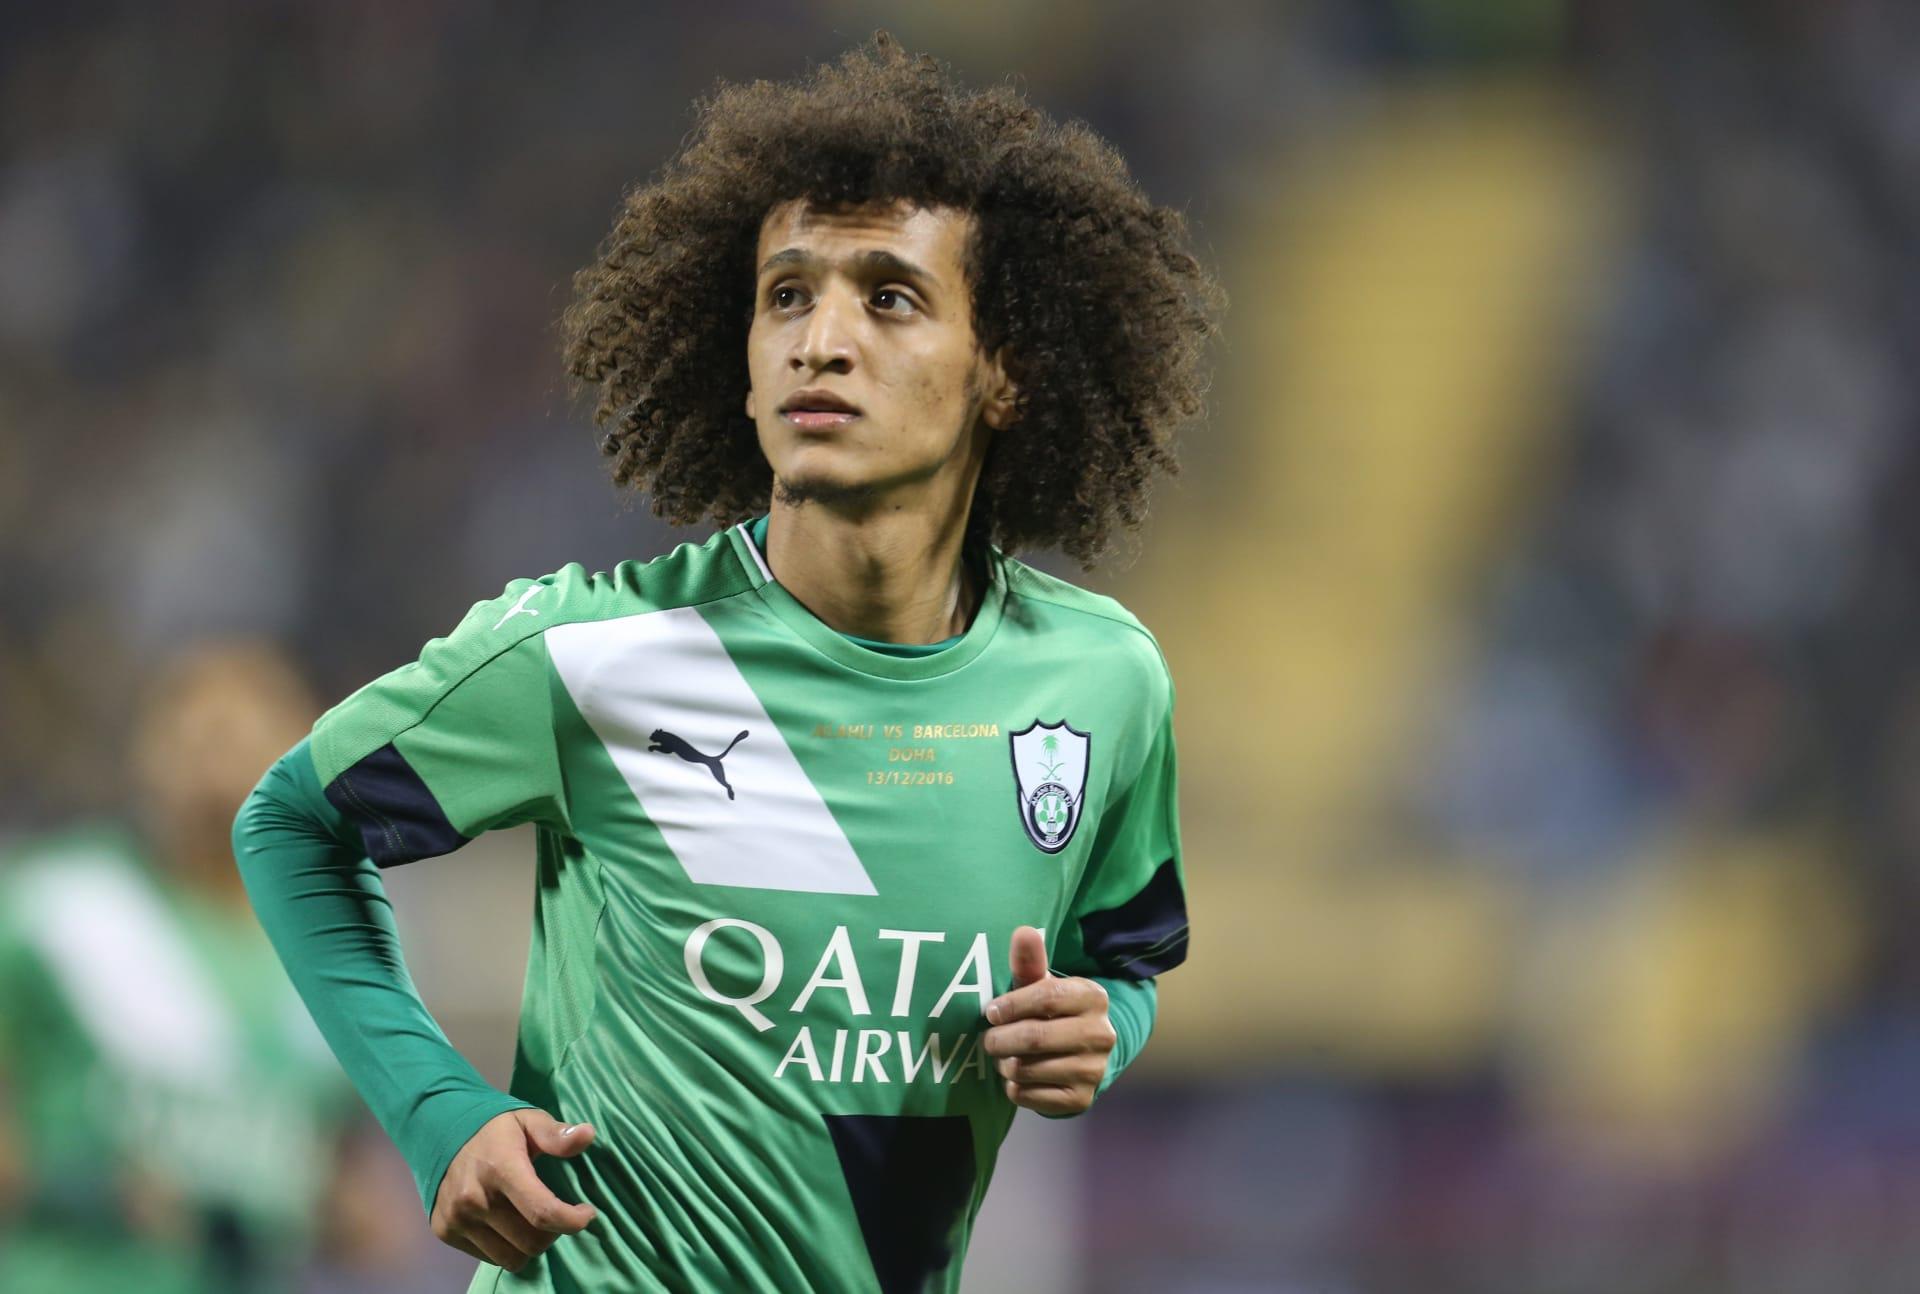 قبل مواجهة محمد صلاح.. لاعبون عرب سجلوا في مرمى برشلونة